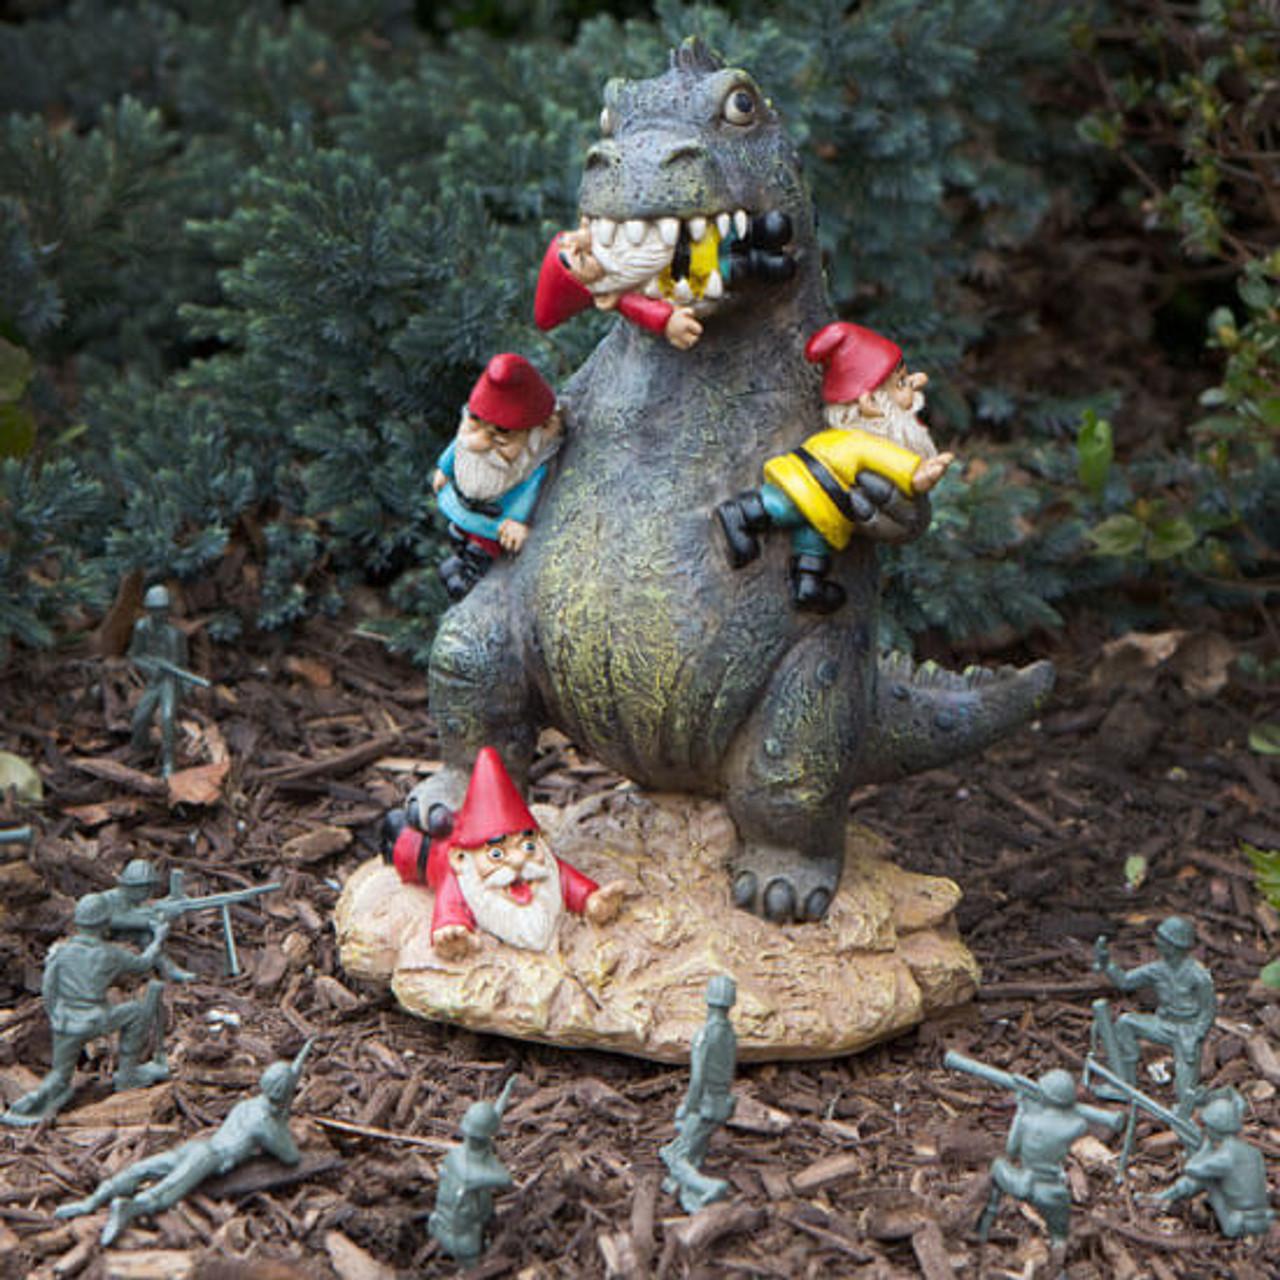 Gnome In Garden: The Great Garden Gnome Massacre In Creative Gnomes + Yard